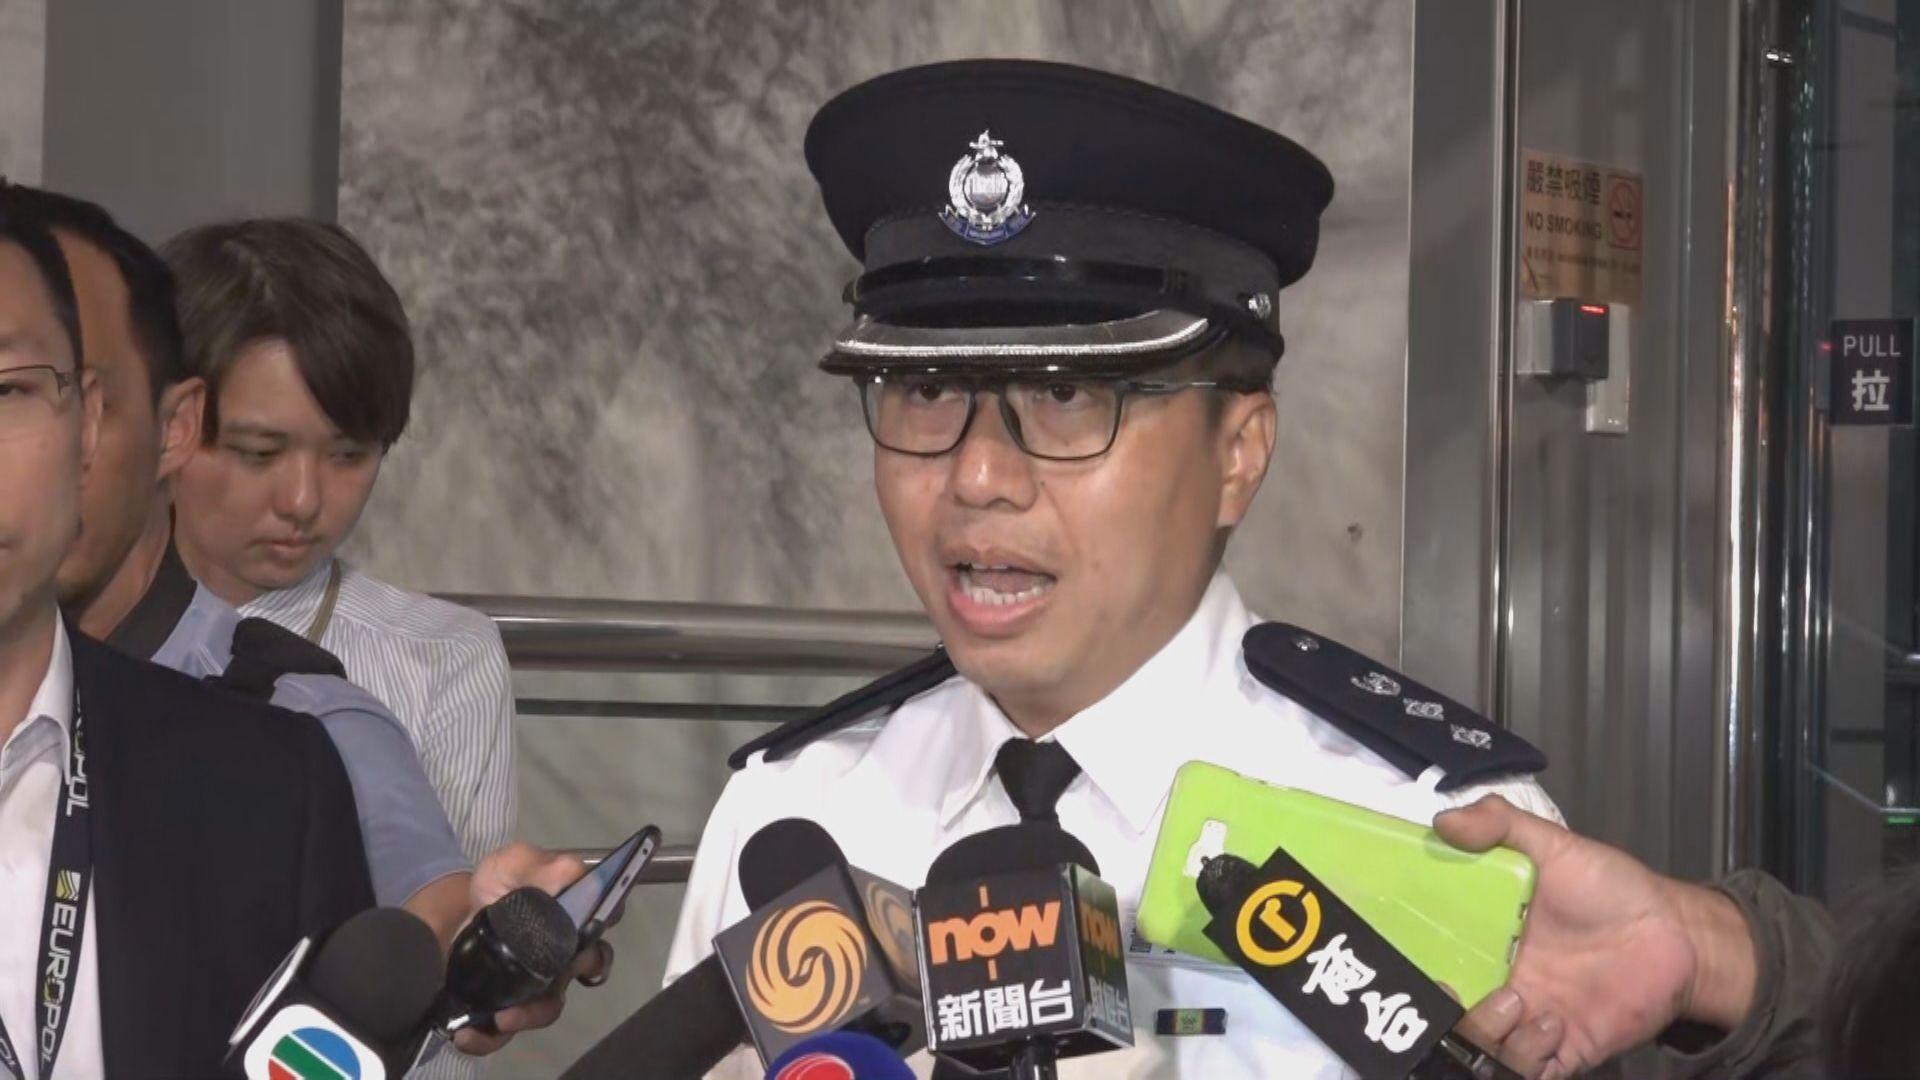 警方:與多方組安全小組 入理大非作拘捕